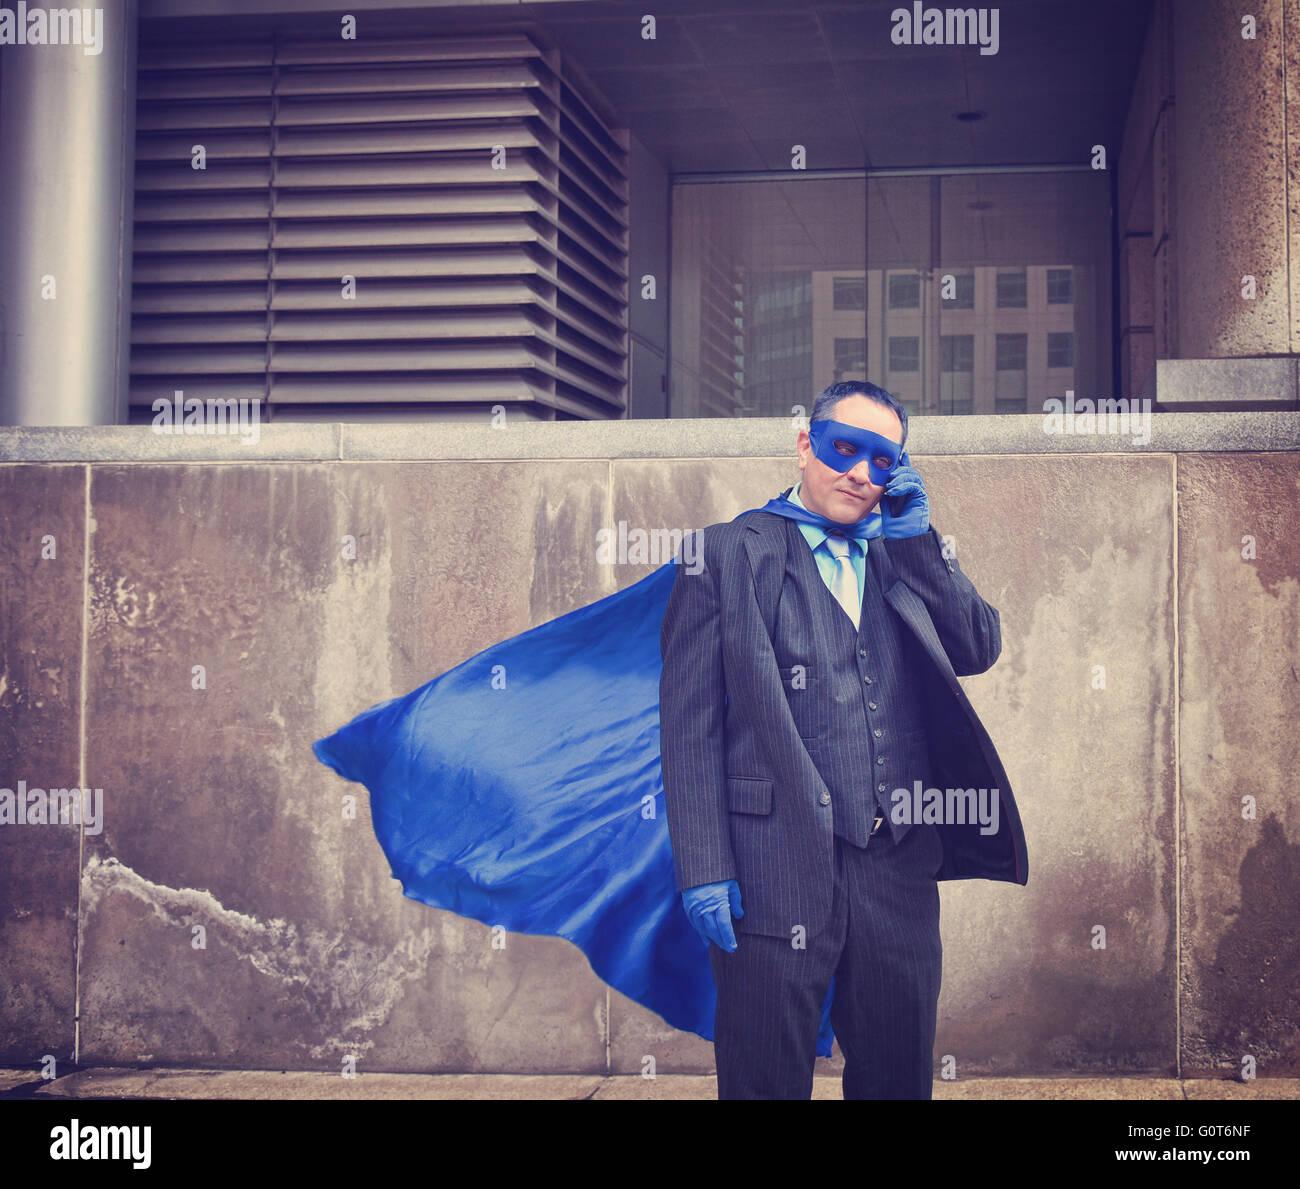 Un uomo di affari è vestito come un super eroe utilizzando un telefono in città per un unico umoristico Immagini Stock